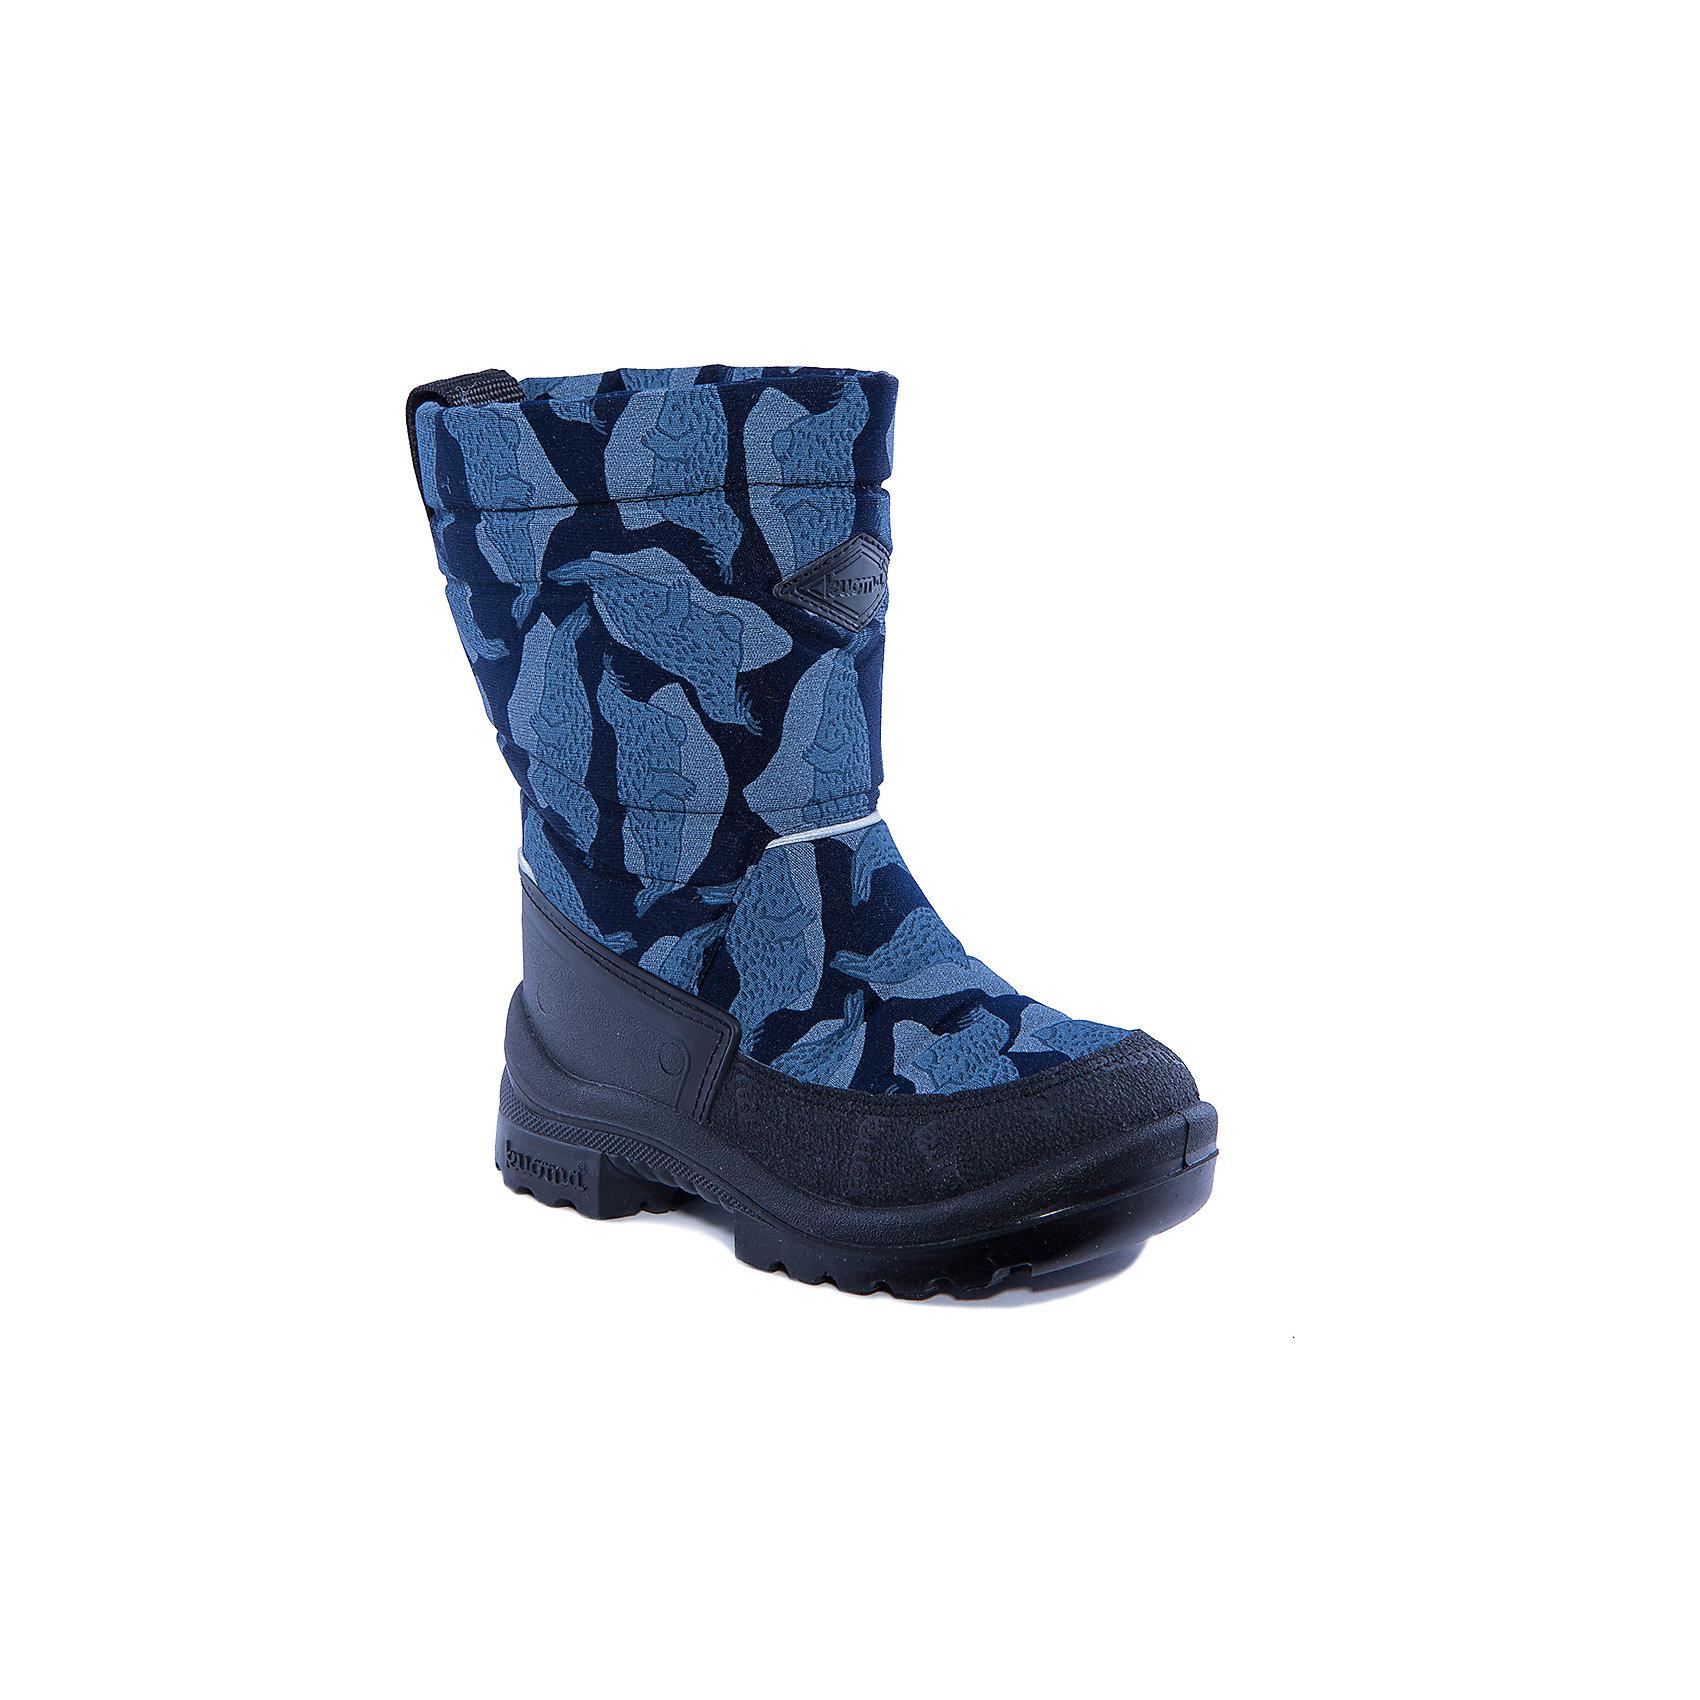 Зимние сапоги Putkivarsi для мальчика KUOMAХарактеристики товара:<br><br>• цвет: синий<br>• температурный режим: от -5° С до -30° С<br>• внешний материал: текстиль<br>• стелька: искусственный войлок<br>• подошва: полиуретан<br>• светоотражающие детали<br>• амортизирующая износостойкая подошва<br>• сменная стелька<br>• верх  - с влагоотталкивающей обработкой<br>• страна бренда: Финляндия<br>• страна изготовитель: Финляндия<br><br>Во всех валенках Kuoma до 26 размера включительно утеплитель – натуральная шерсть, начиная с 27 размера – искусственный мех.<br><br>Стильные сапожки для ребенка от известного бренда детской обуви KUOMA (Куома) созданы специально для холодной погоды. Качественные материалы с пропиткой против грязи и воды и модный дизайн понравятся и малышам и их родителям. Подошва и стелька обеспечат ребенку комфорт, сухость и тепло, позволяя в полной мере наслаждаться зимним отдыхом. Усиленная защита пятки и носка обеспечивает дополнительную безопасность детских ног в этих сапожках.<br>Эта красивая и удобная обувь прослужит долго благодаря известному качеству финских товаров. Производитель предусмотрел даже светоотражающие детали и амортизирующие свойства подошвы! Модель производится из качественных и проверенных материалов, которые безопасны для детей.<br><br>Зимние сапоги для мальчика от бренда KUOMA (Куома) можно купить в нашем интернет-магазине.<br><br>Ширина мм: 257<br>Глубина мм: 180<br>Высота мм: 130<br>Вес г: 420<br>Цвет: синий<br>Возраст от месяцев: 21<br>Возраст до месяцев: 24<br>Пол: Мужской<br>Возраст: Детский<br>Размер: 24,33,23,26,27,28,30,31,32,35,34,29,25<br>SKU: 4320931